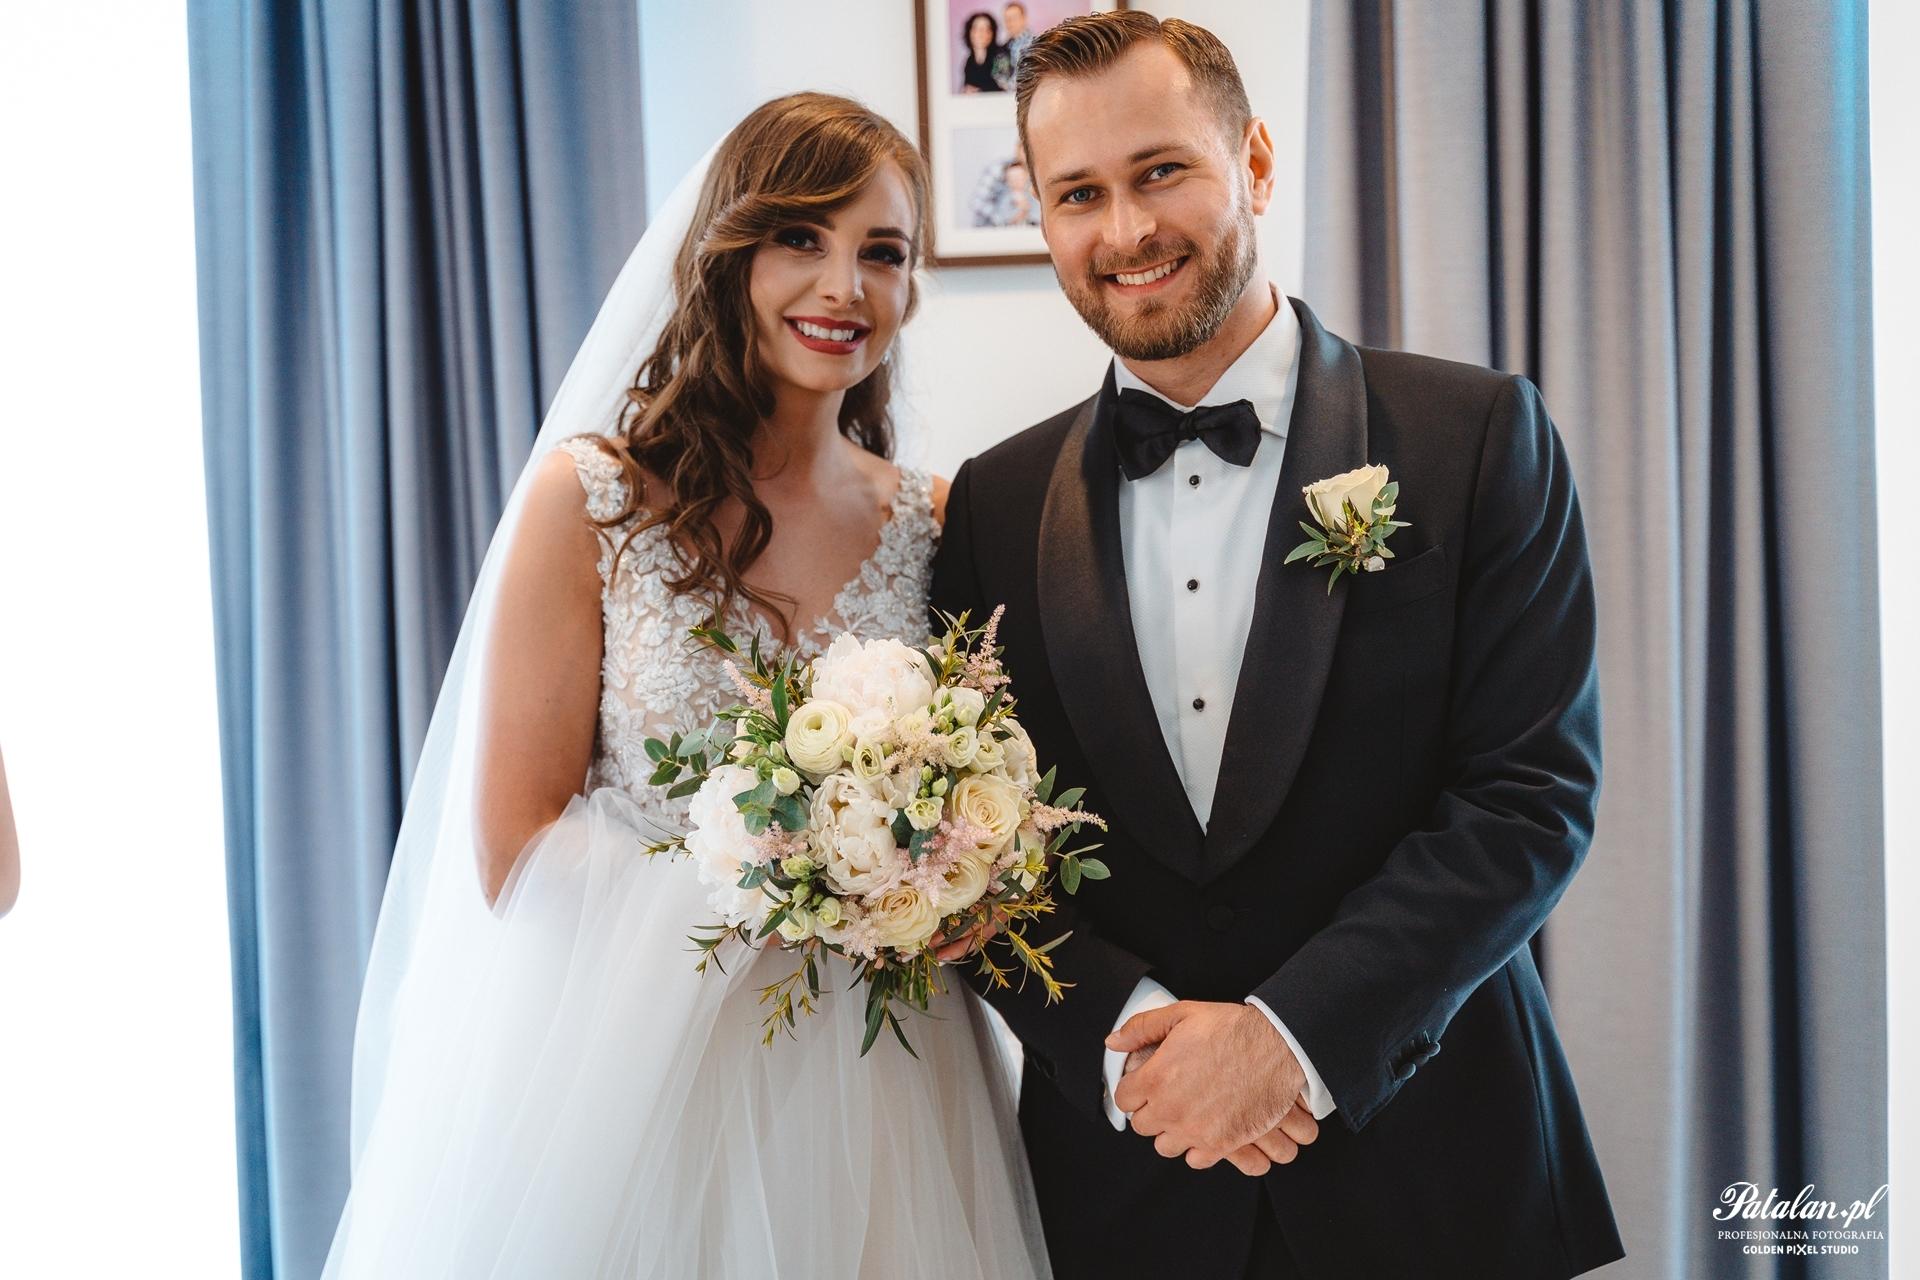 błogosławieństwo rodziców, pan młody, pani młoda, garnitur, smoking na ślub wesele, biżuteria ślubna, buty ślubne, bukiet ślubny, suknia ślubna, panna młoda, przygotowania, makijaż ślubny, welon ślubny, fotograf białystok, fotografia ślubna Łomżam Fotograf ślubny, fotograf na wesele łomża,